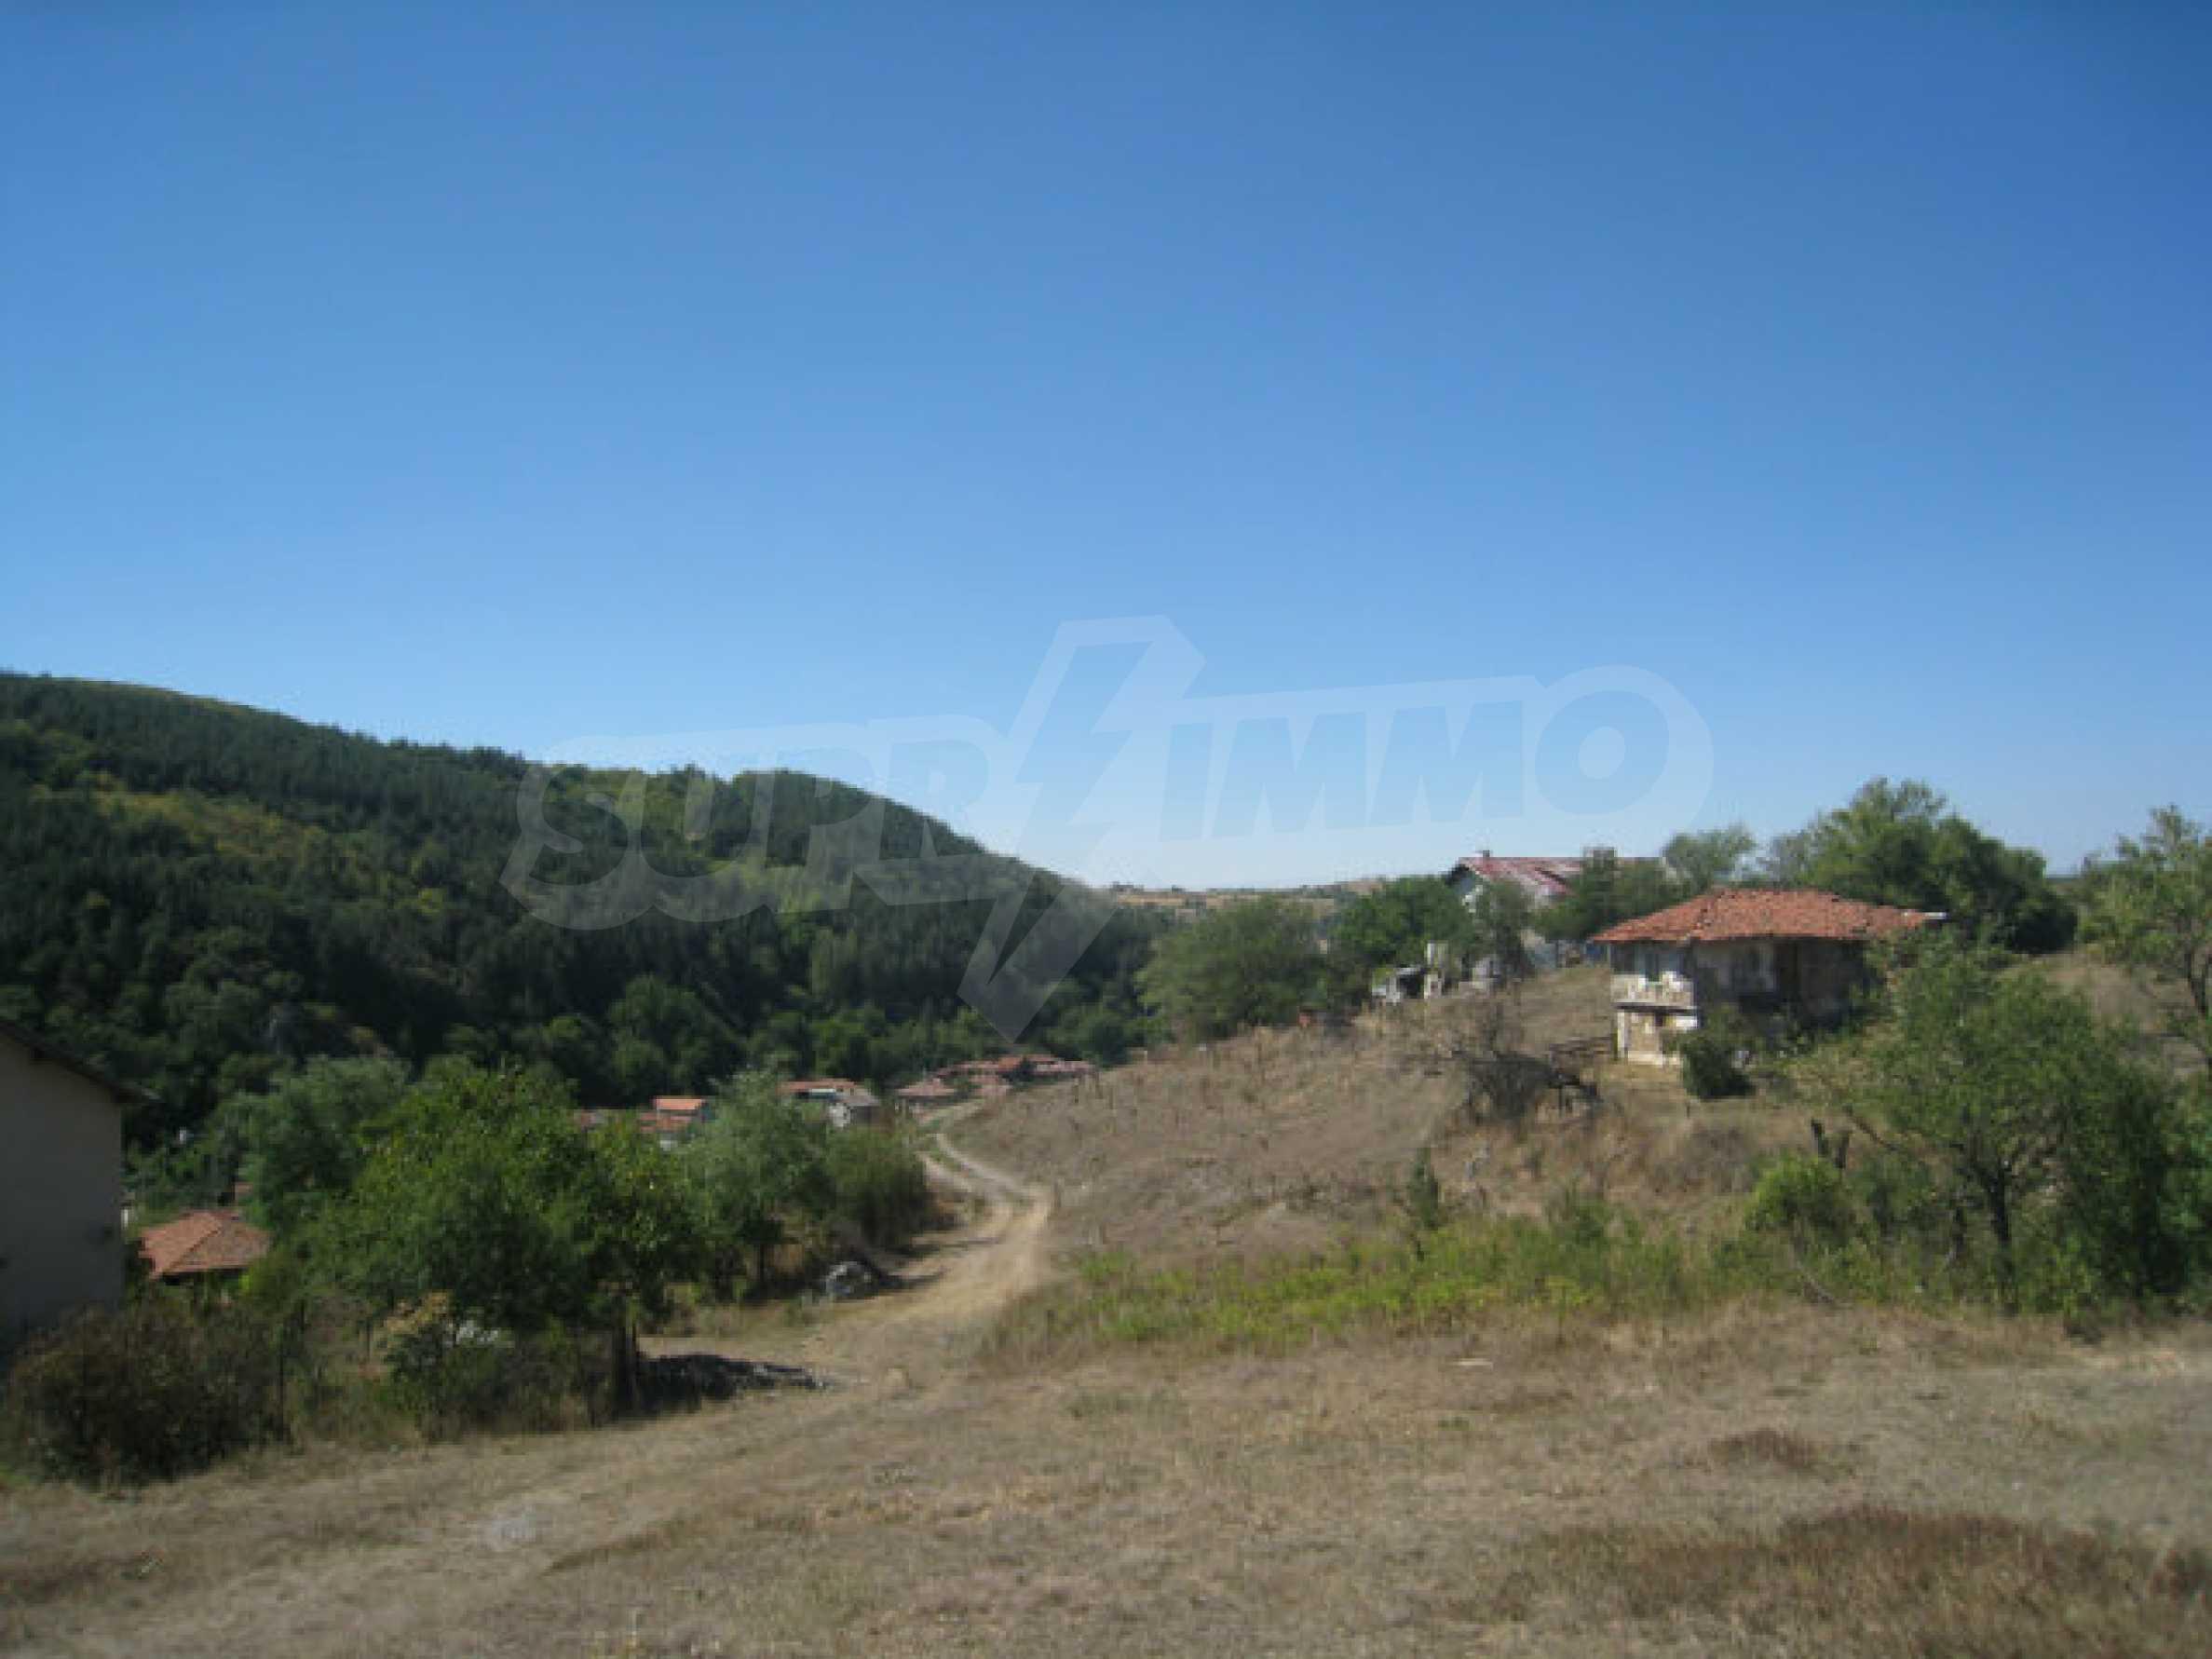 Geregeltes Baugrundstück in einem Dorf in der Nähe von Elin Pelin 10